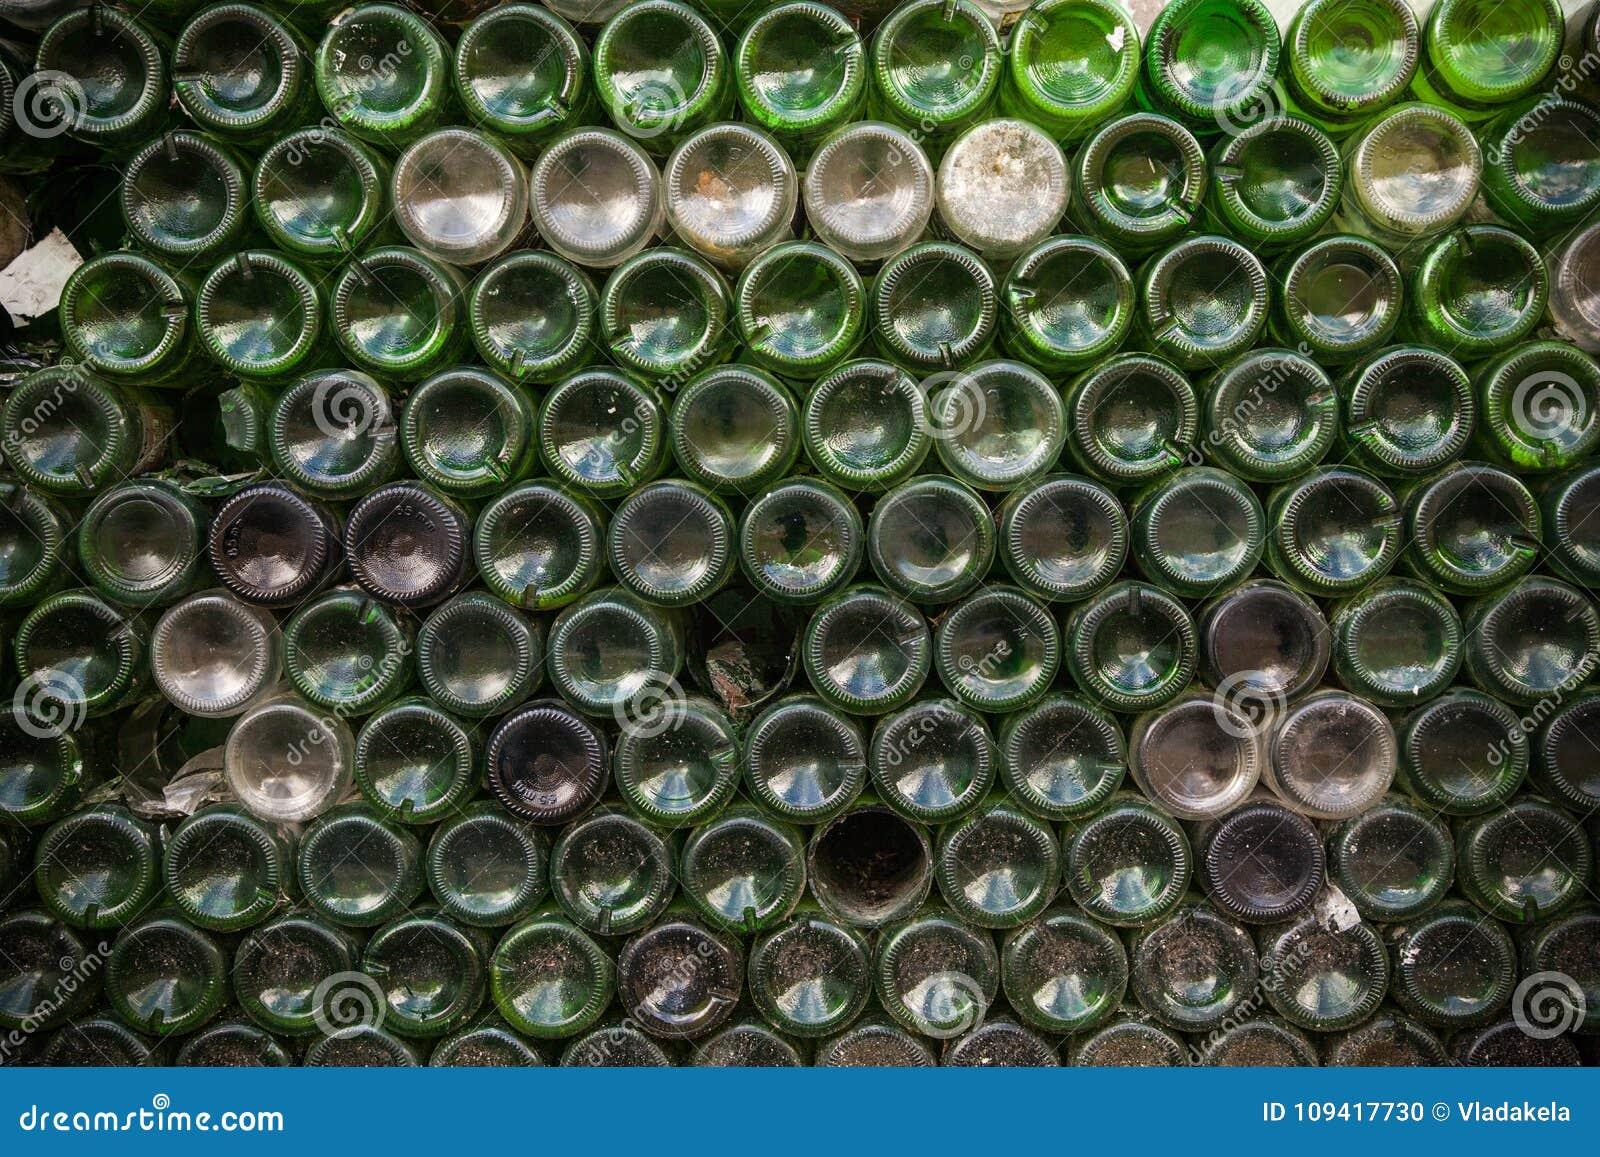 Bottom of an empty bottle